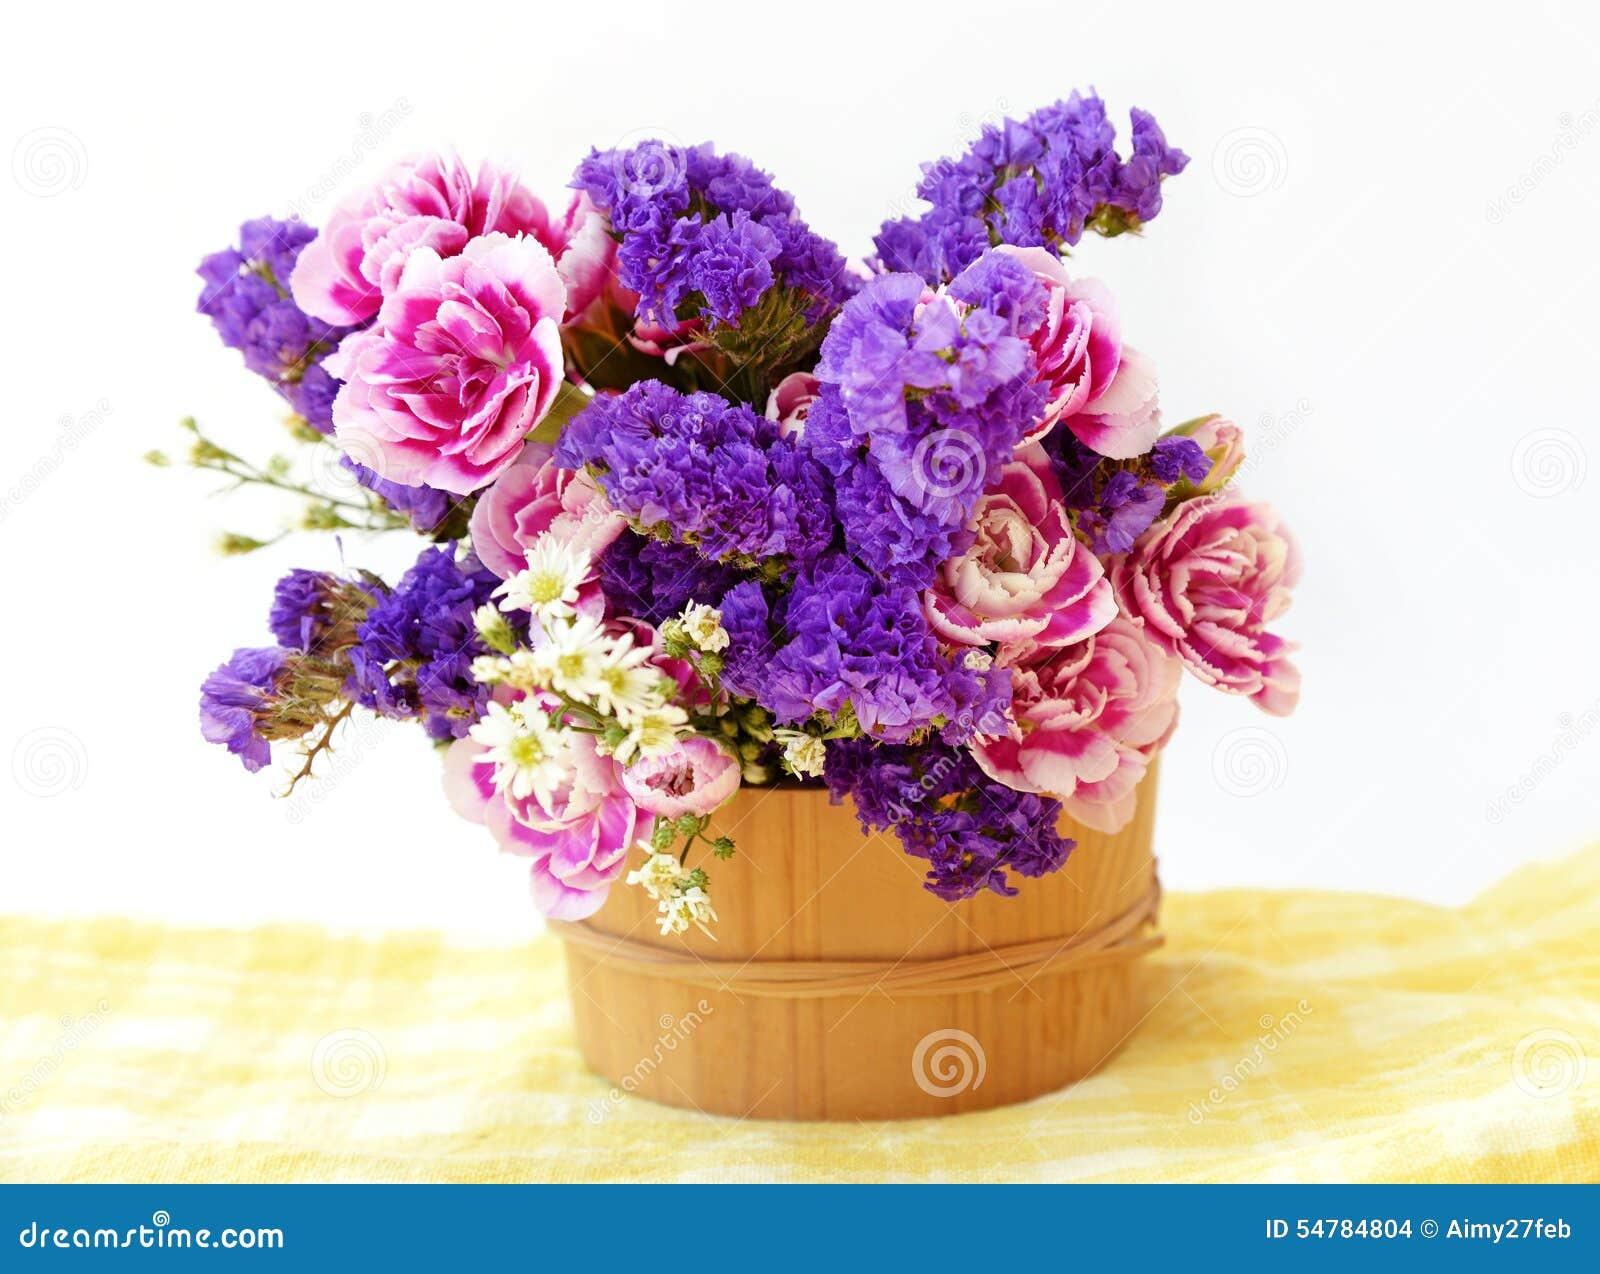 Фото цветы букеты в ведре